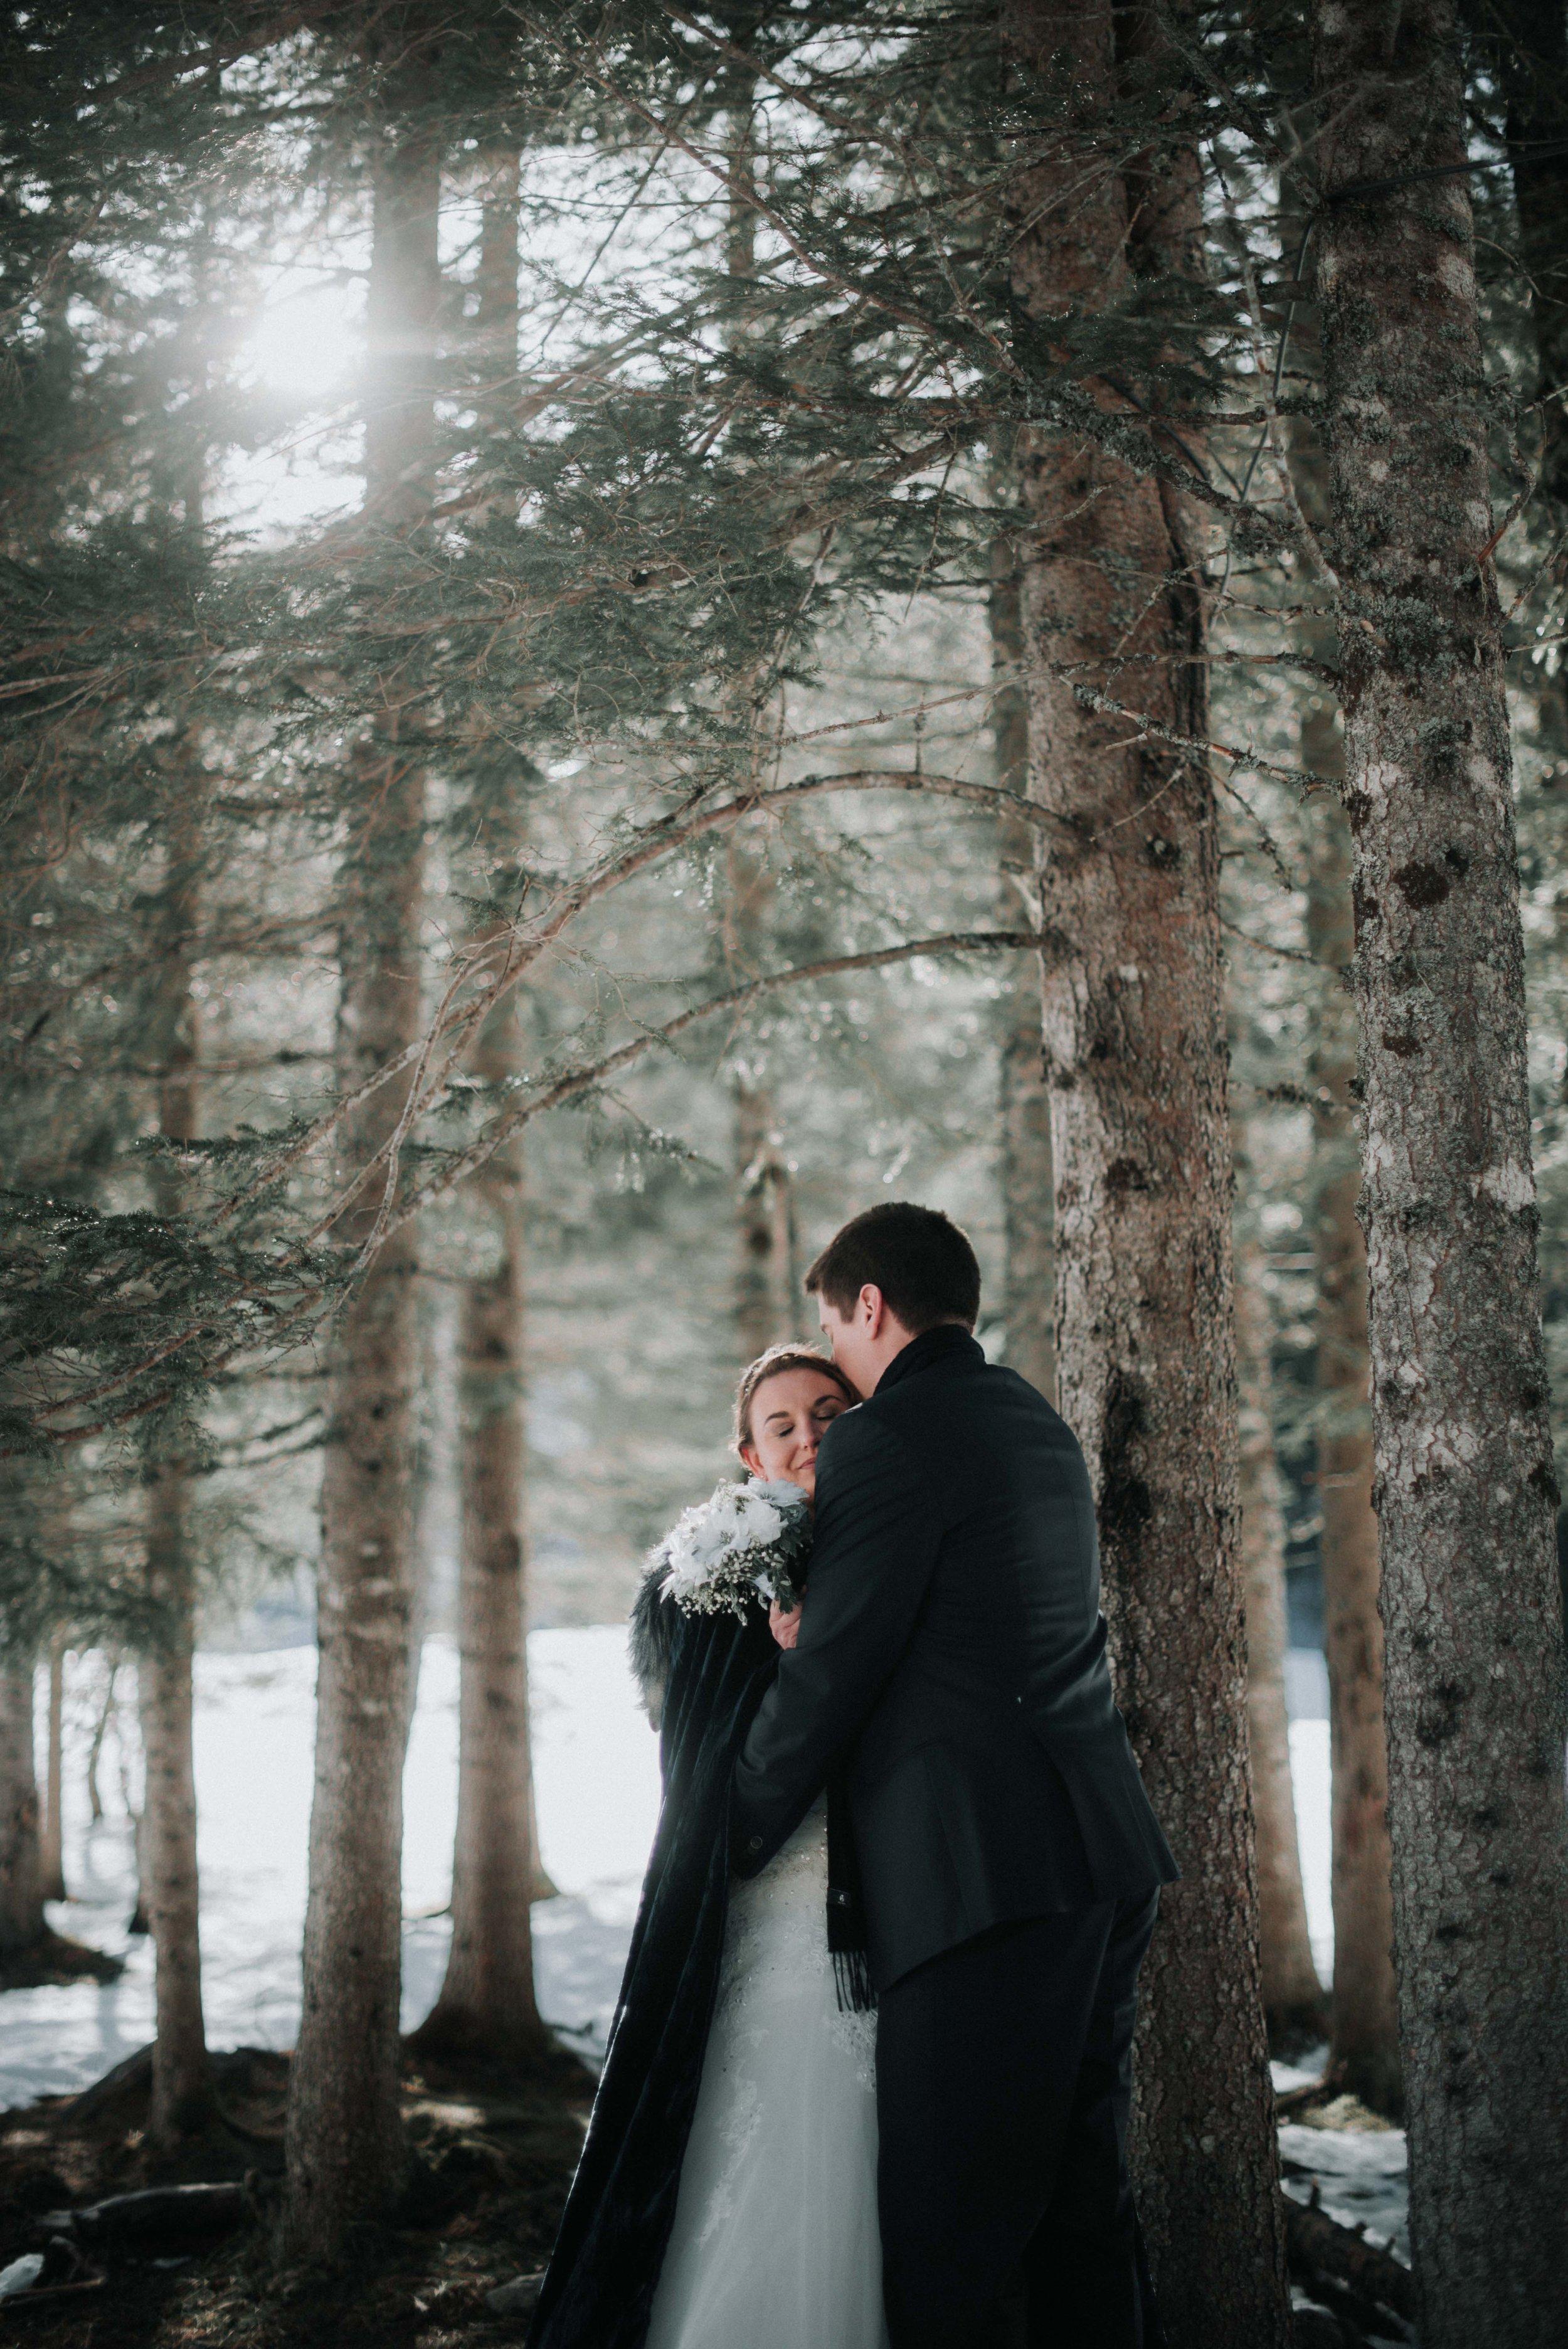 Léa-Fery-photographe-professionnel-lyon-rhone-alpes-portrait-mariage-couple-amour-lovesession-engagement-elopment-2584.jpg